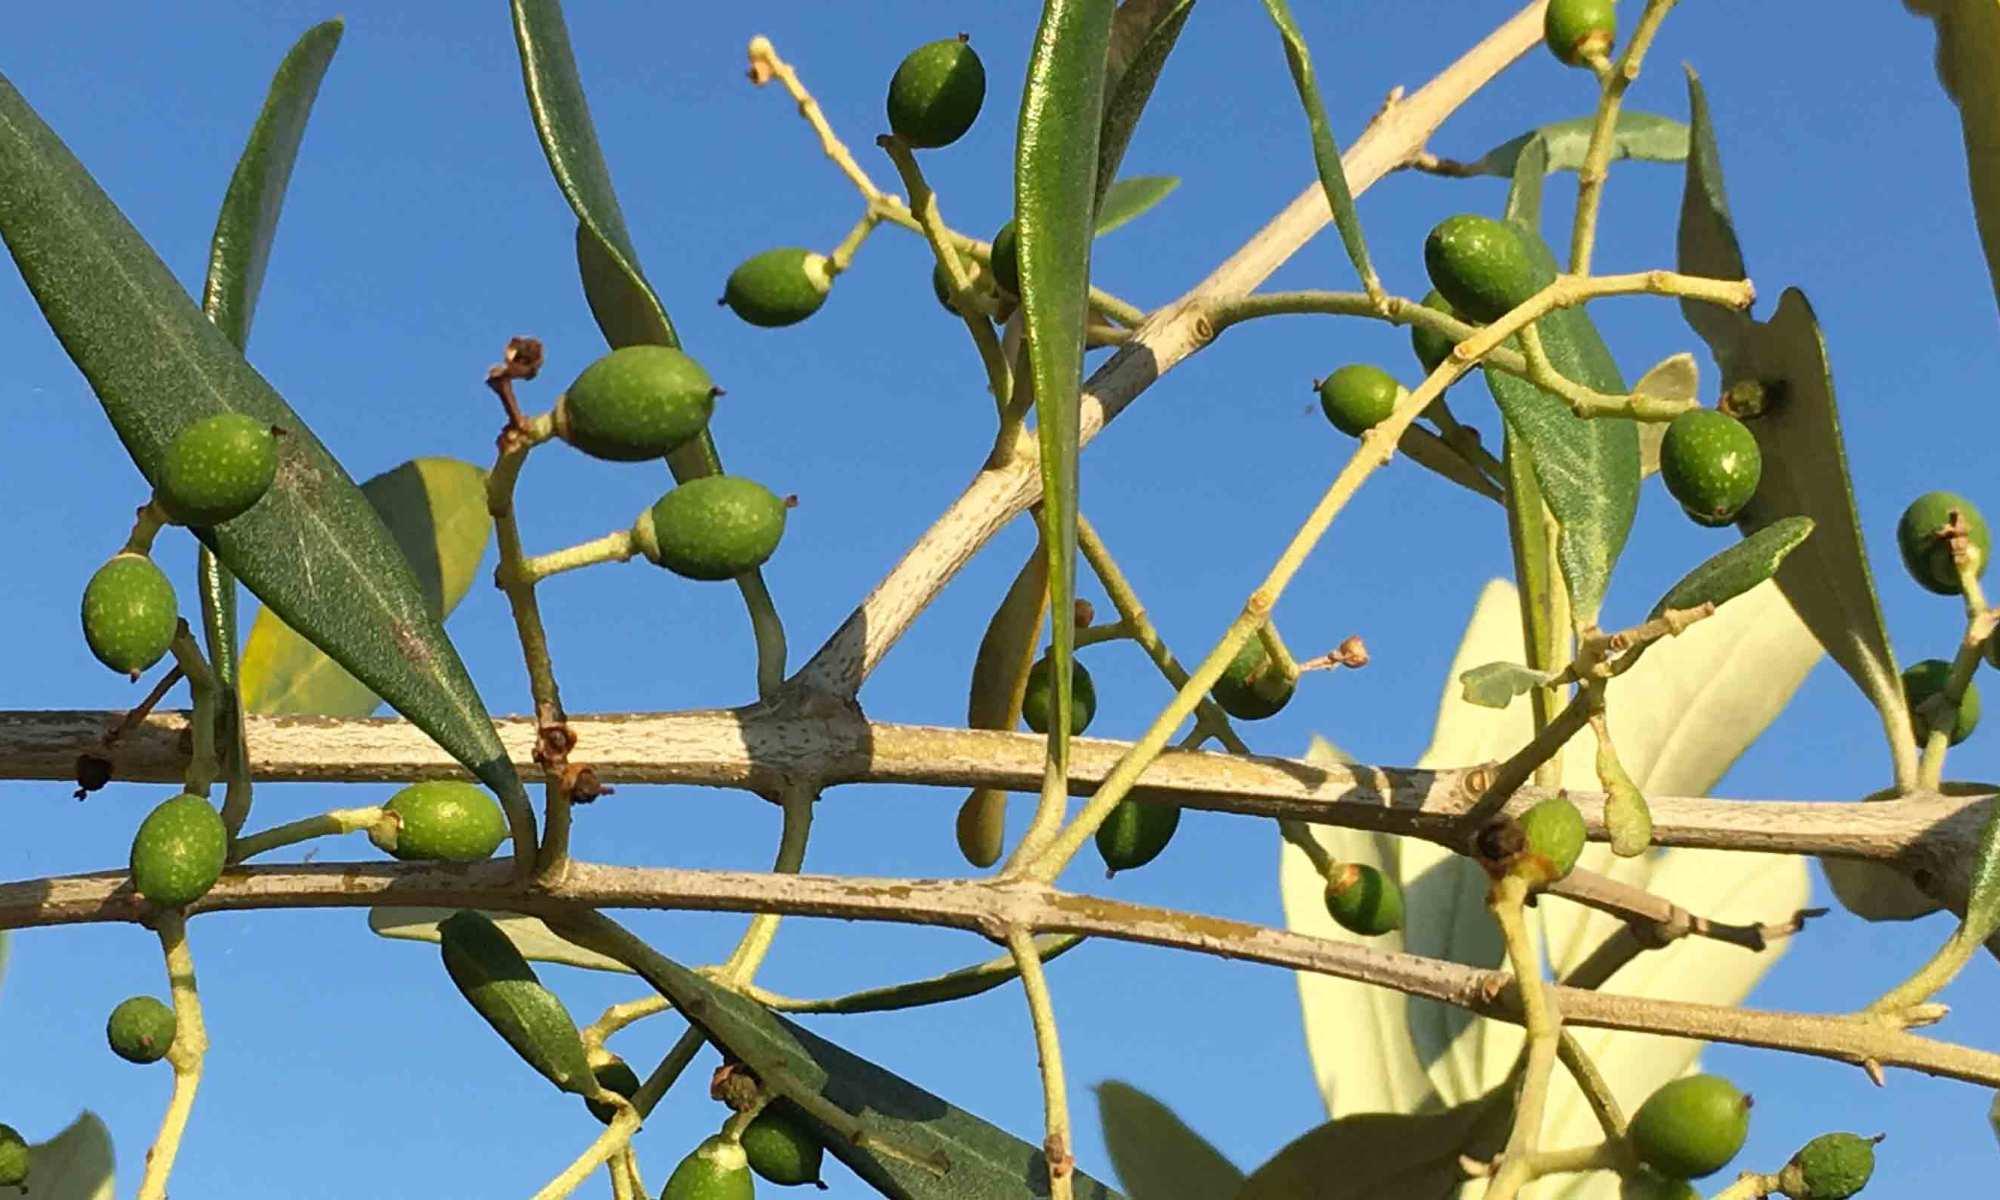 Immagine olive sull'albero